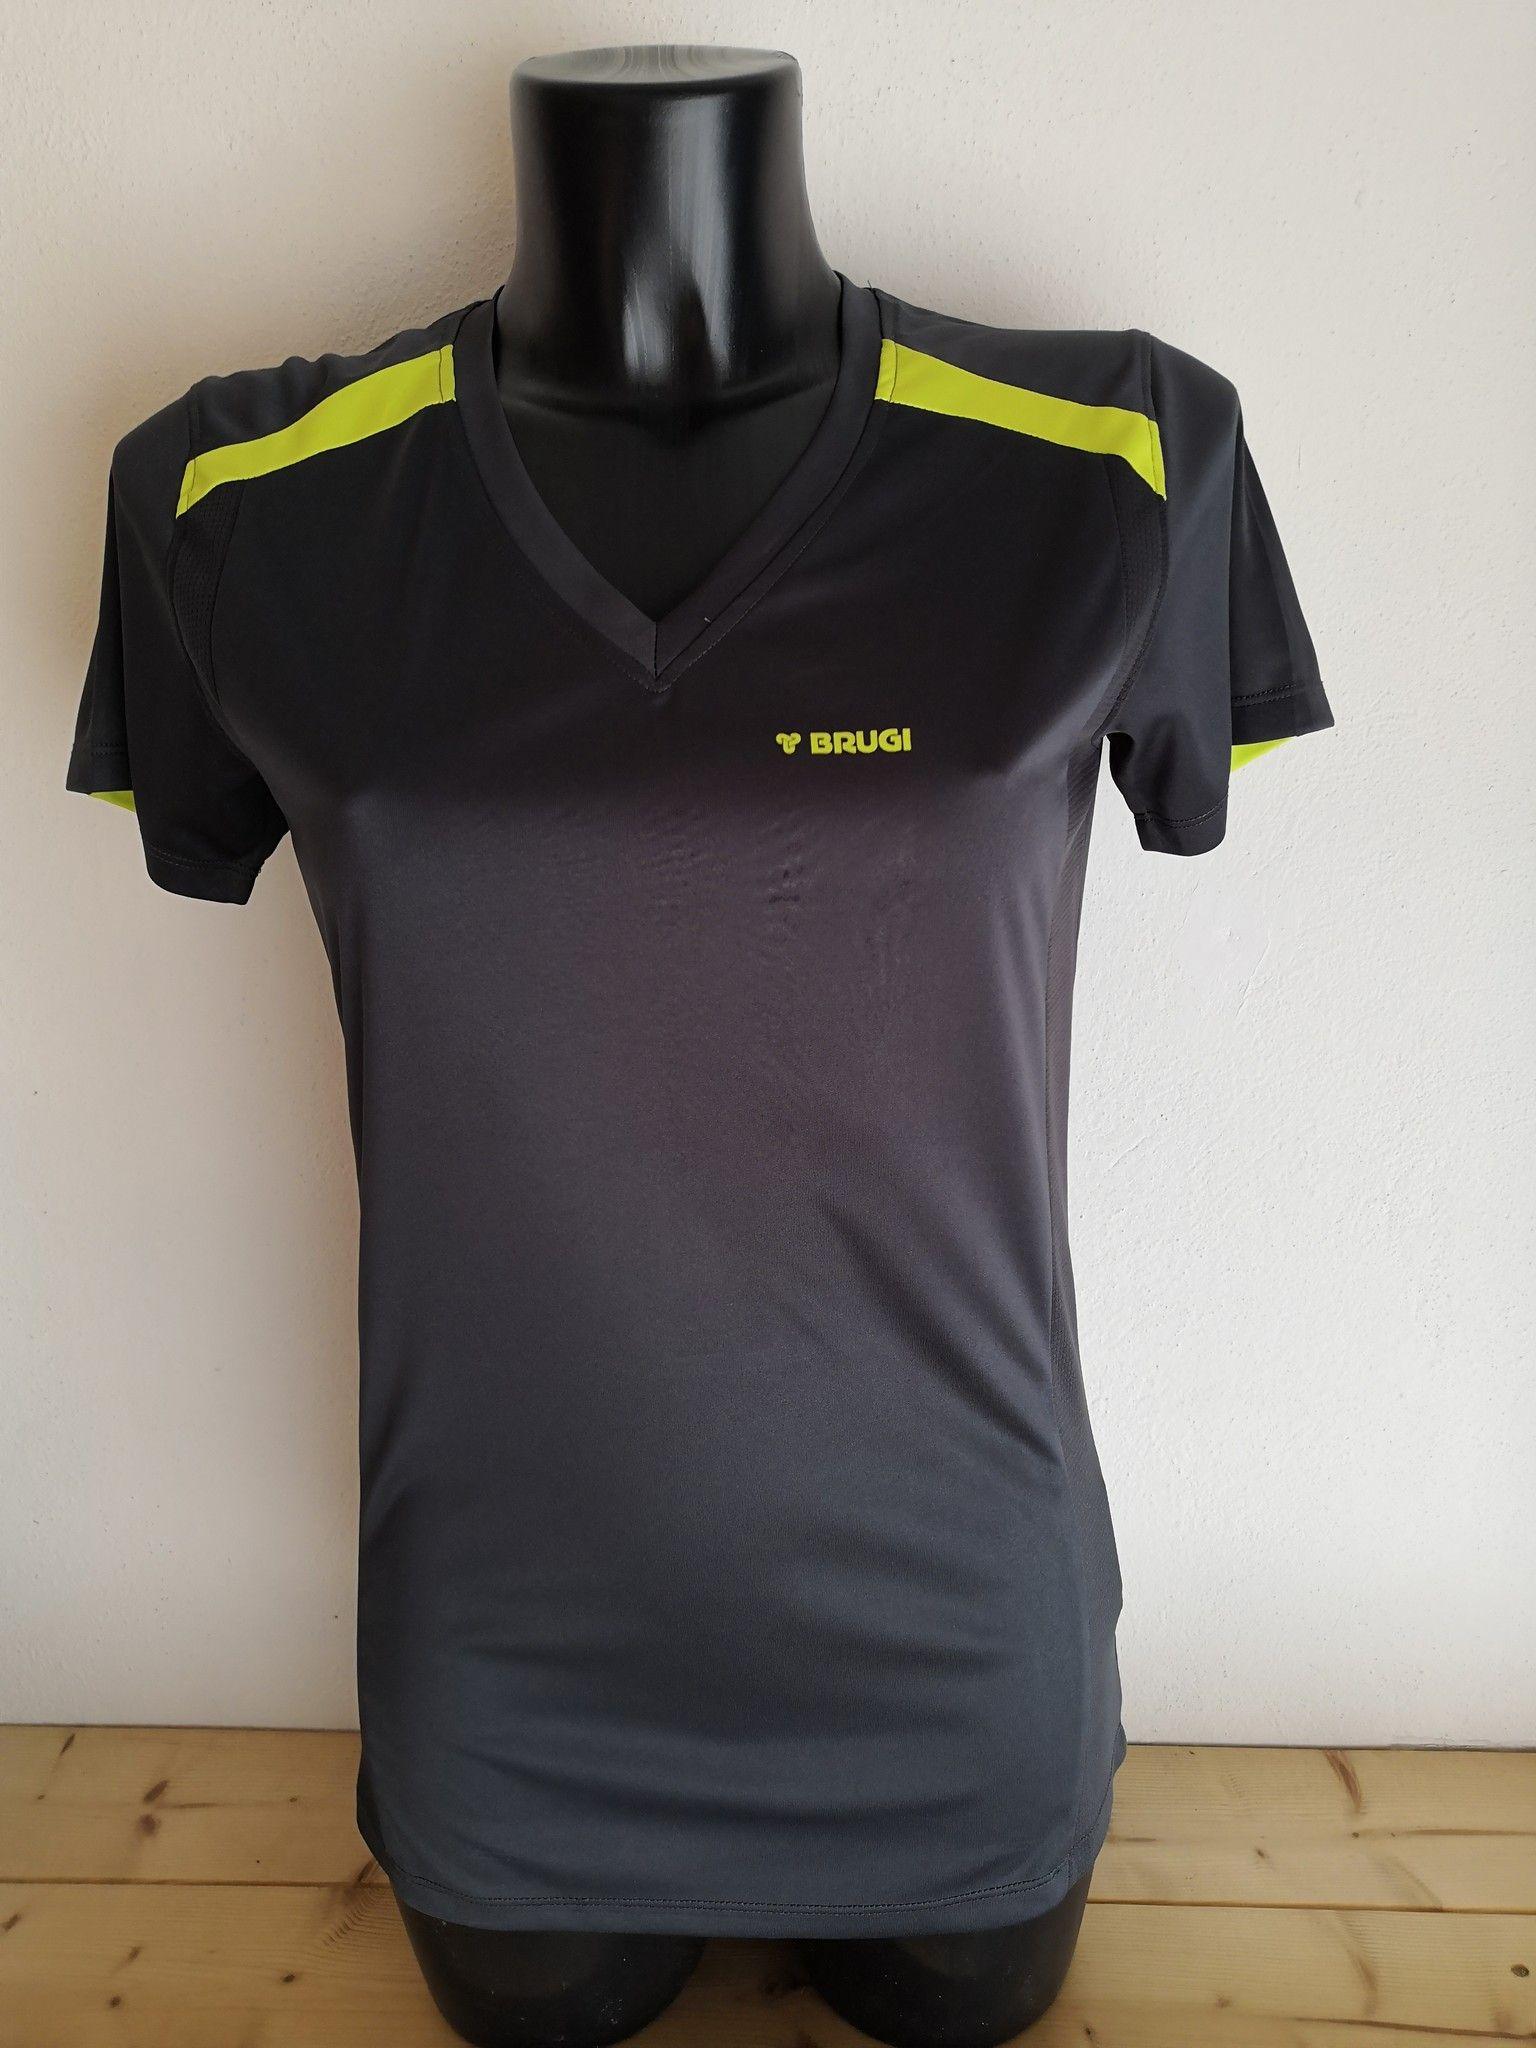 Outdoor BrugiAbbigliamento Maglietta Donna Magliette 8nkON0XZPw